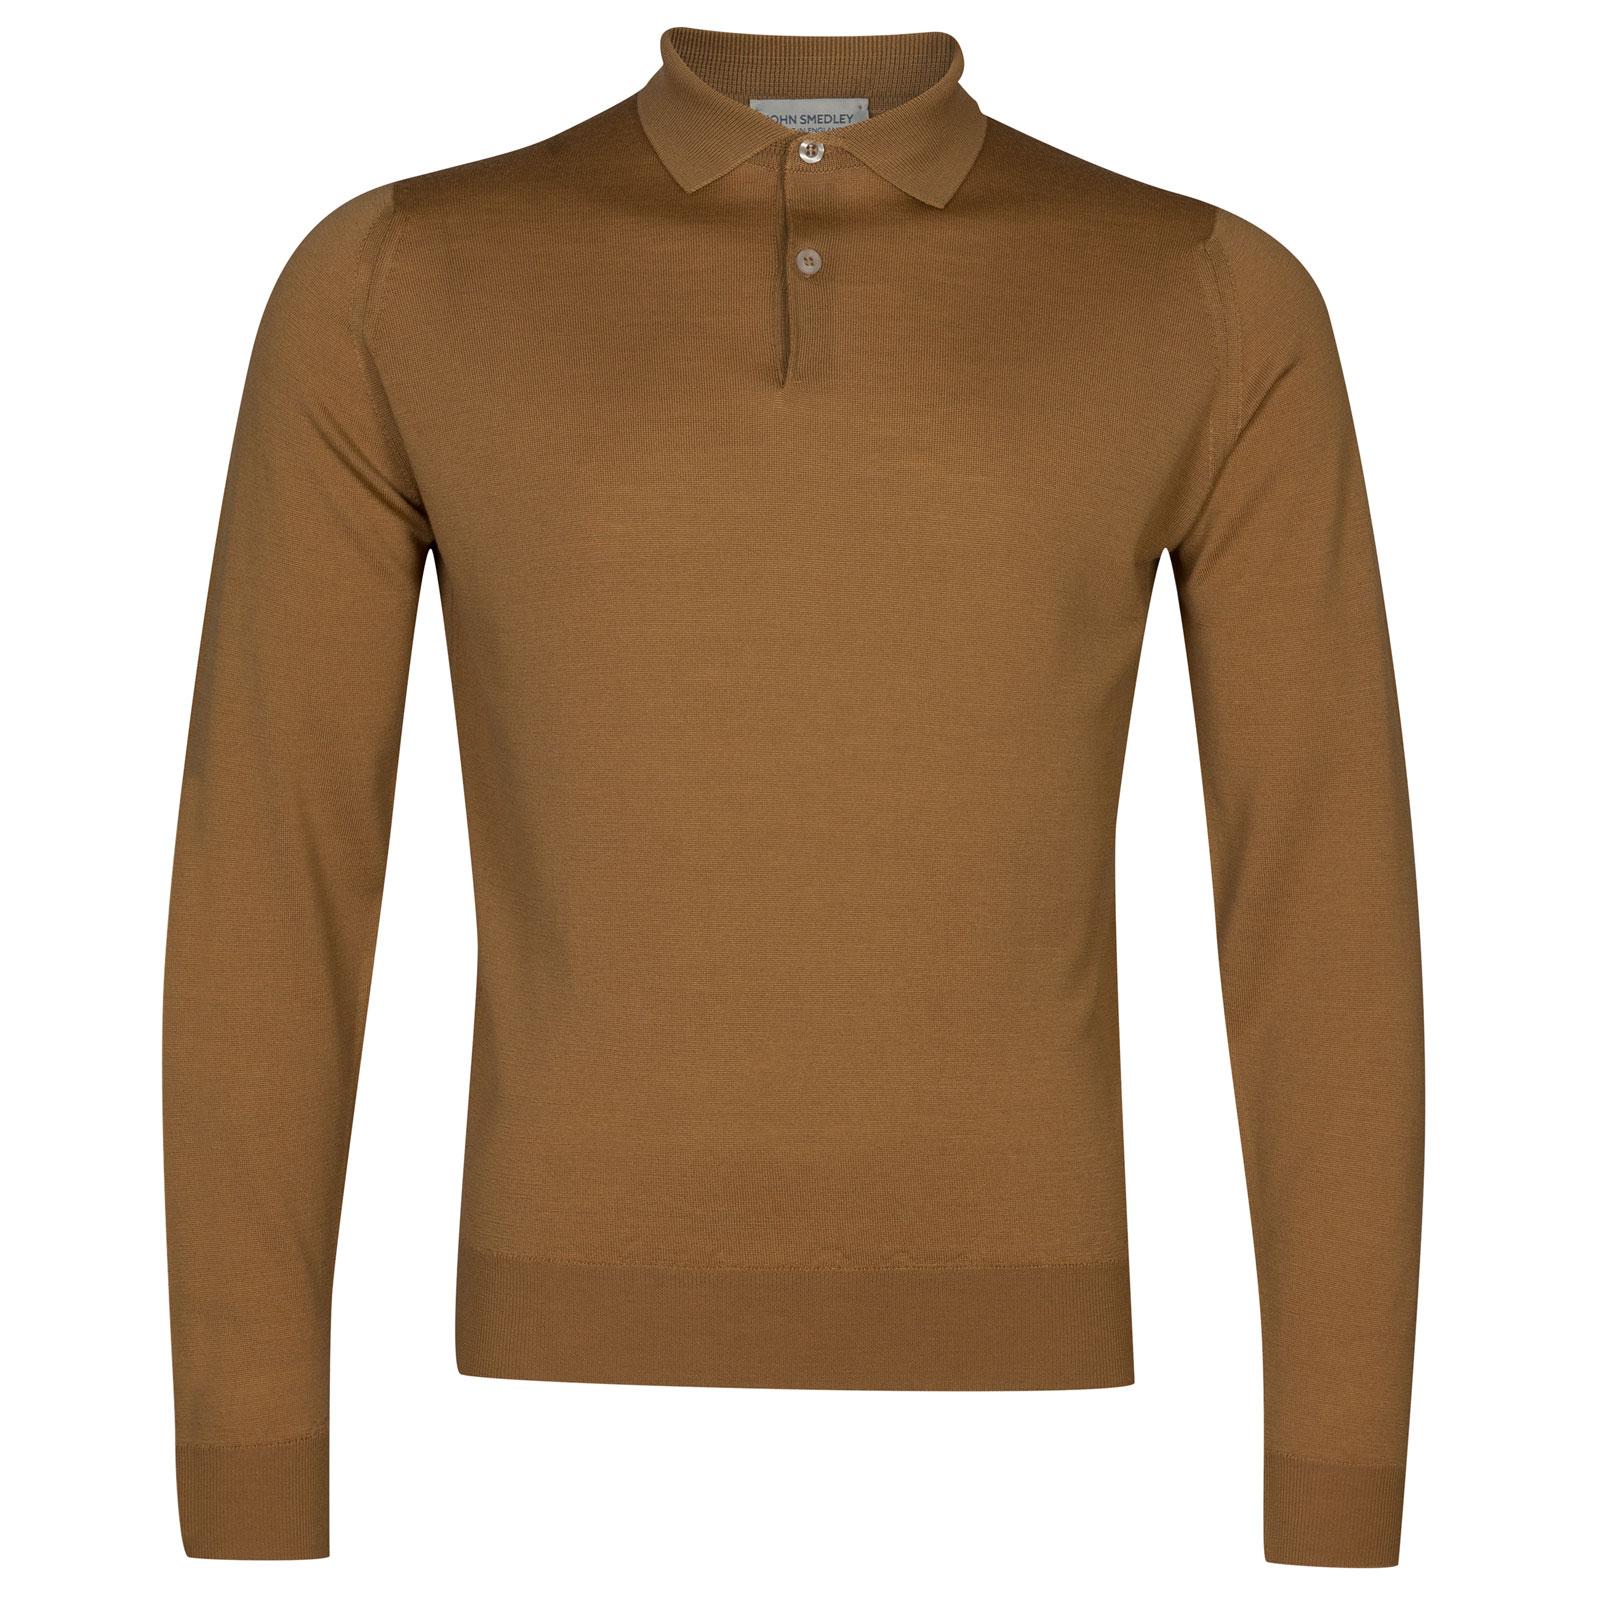 John Smedley garda Merino Wool Shirt in Camel-XXL